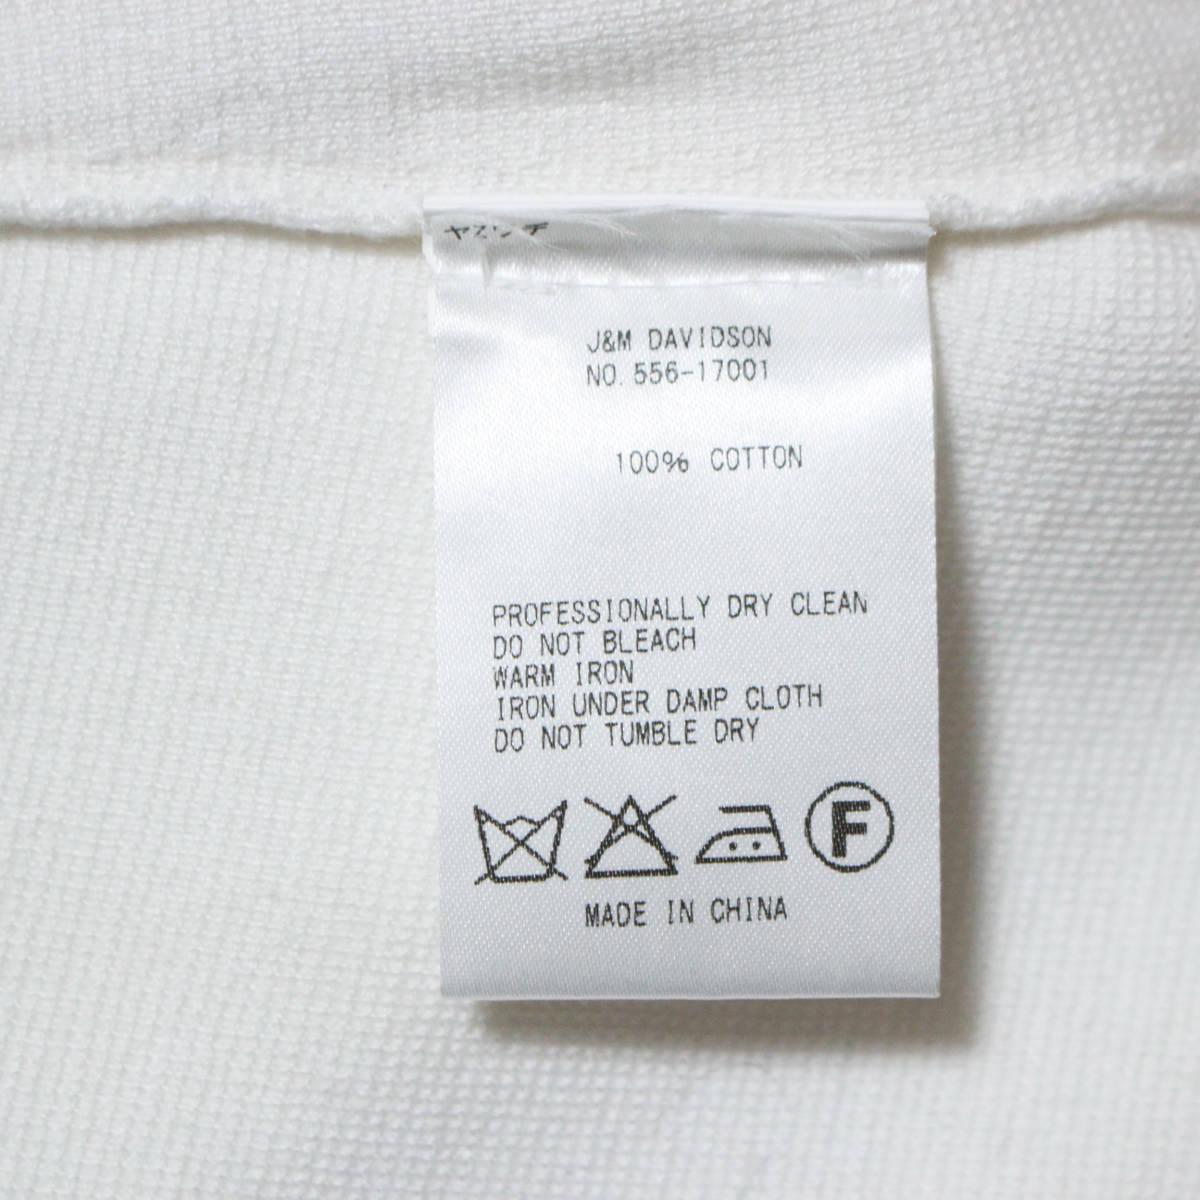 美品* J&M DAVIDSON ジェイアンドエムデヴィッドソン 参考価格5.7万 ボーダー柄ノースリーブワンピース ホワイト×ピンク Sサイズ 綿100%_画像5